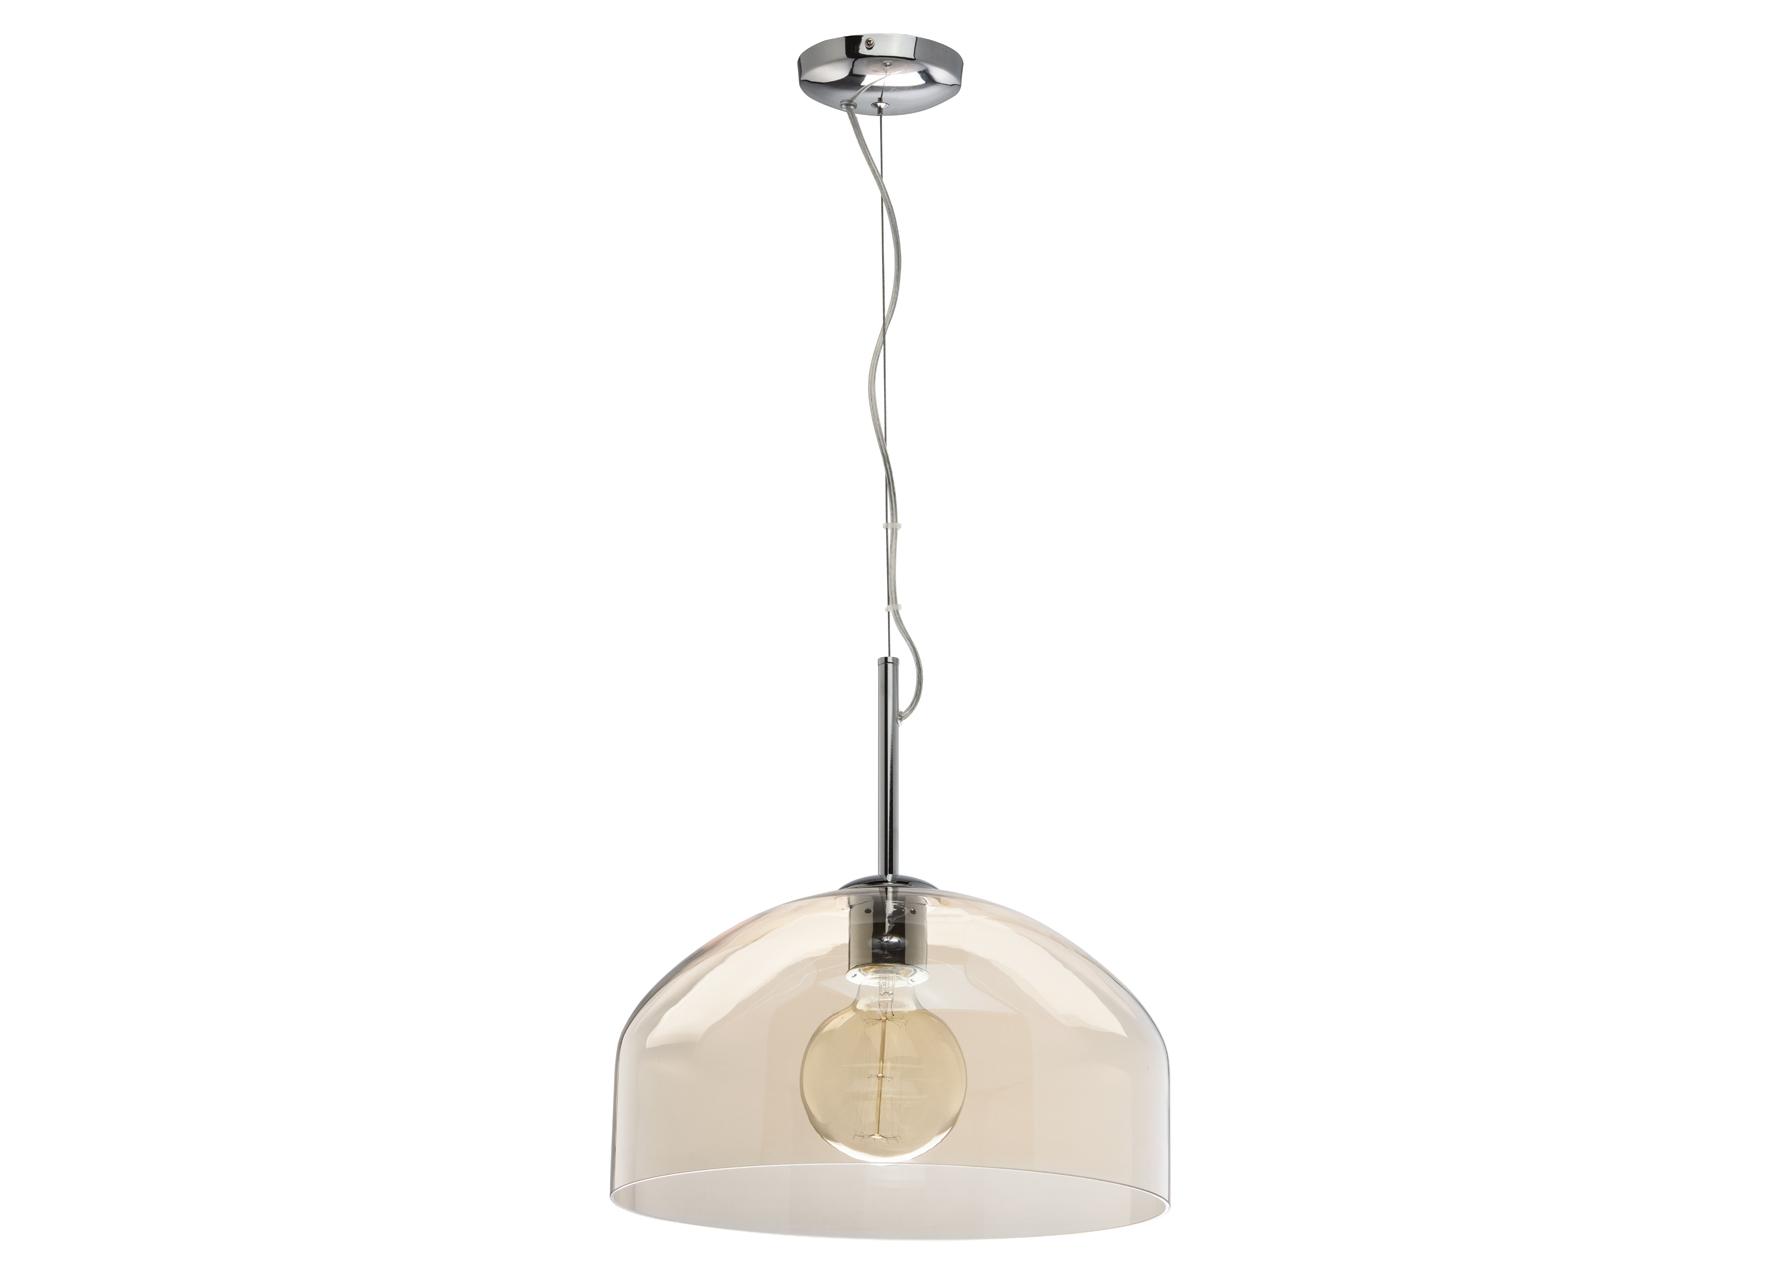 Подвесной светильник КлэрПодвесные светильники<br>&amp;lt;div&amp;gt;Практичный и незамысловатый светильник «Клэр» — то, что нужно для&amp;lt;/div&amp;gt;&amp;lt;div&amp;gt;интерьера в стиле хай-тек или минимализм. Без лишних деталей и элементов&amp;amp;nbsp;&amp;lt;span style=&amp;quot;line-height: 1.78571;&amp;quot;&amp;gt;декора, он смотрится стильно и просто. Широкий плафон из&amp;lt;/span&amp;gt;&amp;lt;/div&amp;gt;&amp;lt;div&amp;gt;гальванизированного стекла прекрасно справляется с задачей зонального&amp;lt;/div&amp;gt;&amp;lt;div&amp;gt;освещения. Металлическая арматура светильника имеет цвет хрома и идеально&amp;amp;nbsp;&amp;lt;span style=&amp;quot;line-height: 1.78571;&amp;quot;&amp;gt;стилистически сочетается со стеклом.&amp;lt;/span&amp;gt;&amp;lt;/div&amp;gt;&amp;lt;div&amp;gt;&amp;lt;span style=&amp;quot;line-height: 1.78571;&amp;quot;&amp;gt;&amp;lt;br&amp;gt;&amp;lt;/span&amp;gt;&amp;lt;/div&amp;gt;&amp;lt;div&amp;gt;Мощность/кол-во ламп 1*60W E27 220 V IP20&amp;lt;/div&amp;gt;&amp;lt;div&amp;gt;Площадь освещенности: 3 м2&amp;lt;/div&amp;gt;&amp;lt;div&amp;gt;Вес: 5,5 кг&amp;lt;/div&amp;gt;&amp;lt;div&amp;gt;Сила светового потока: 650 Лм(Люмен)&amp;lt;/div&amp;gt;&amp;lt;div&amp;gt;Цветовая температура: 2700K&amp;lt;/div&amp;gt;&amp;lt;div&amp;gt;Арматура: сплав металлов&amp;lt;/div&amp;gt;<br><br>Material: Стекло<br>Height см: 163<br>Diameter см: 40